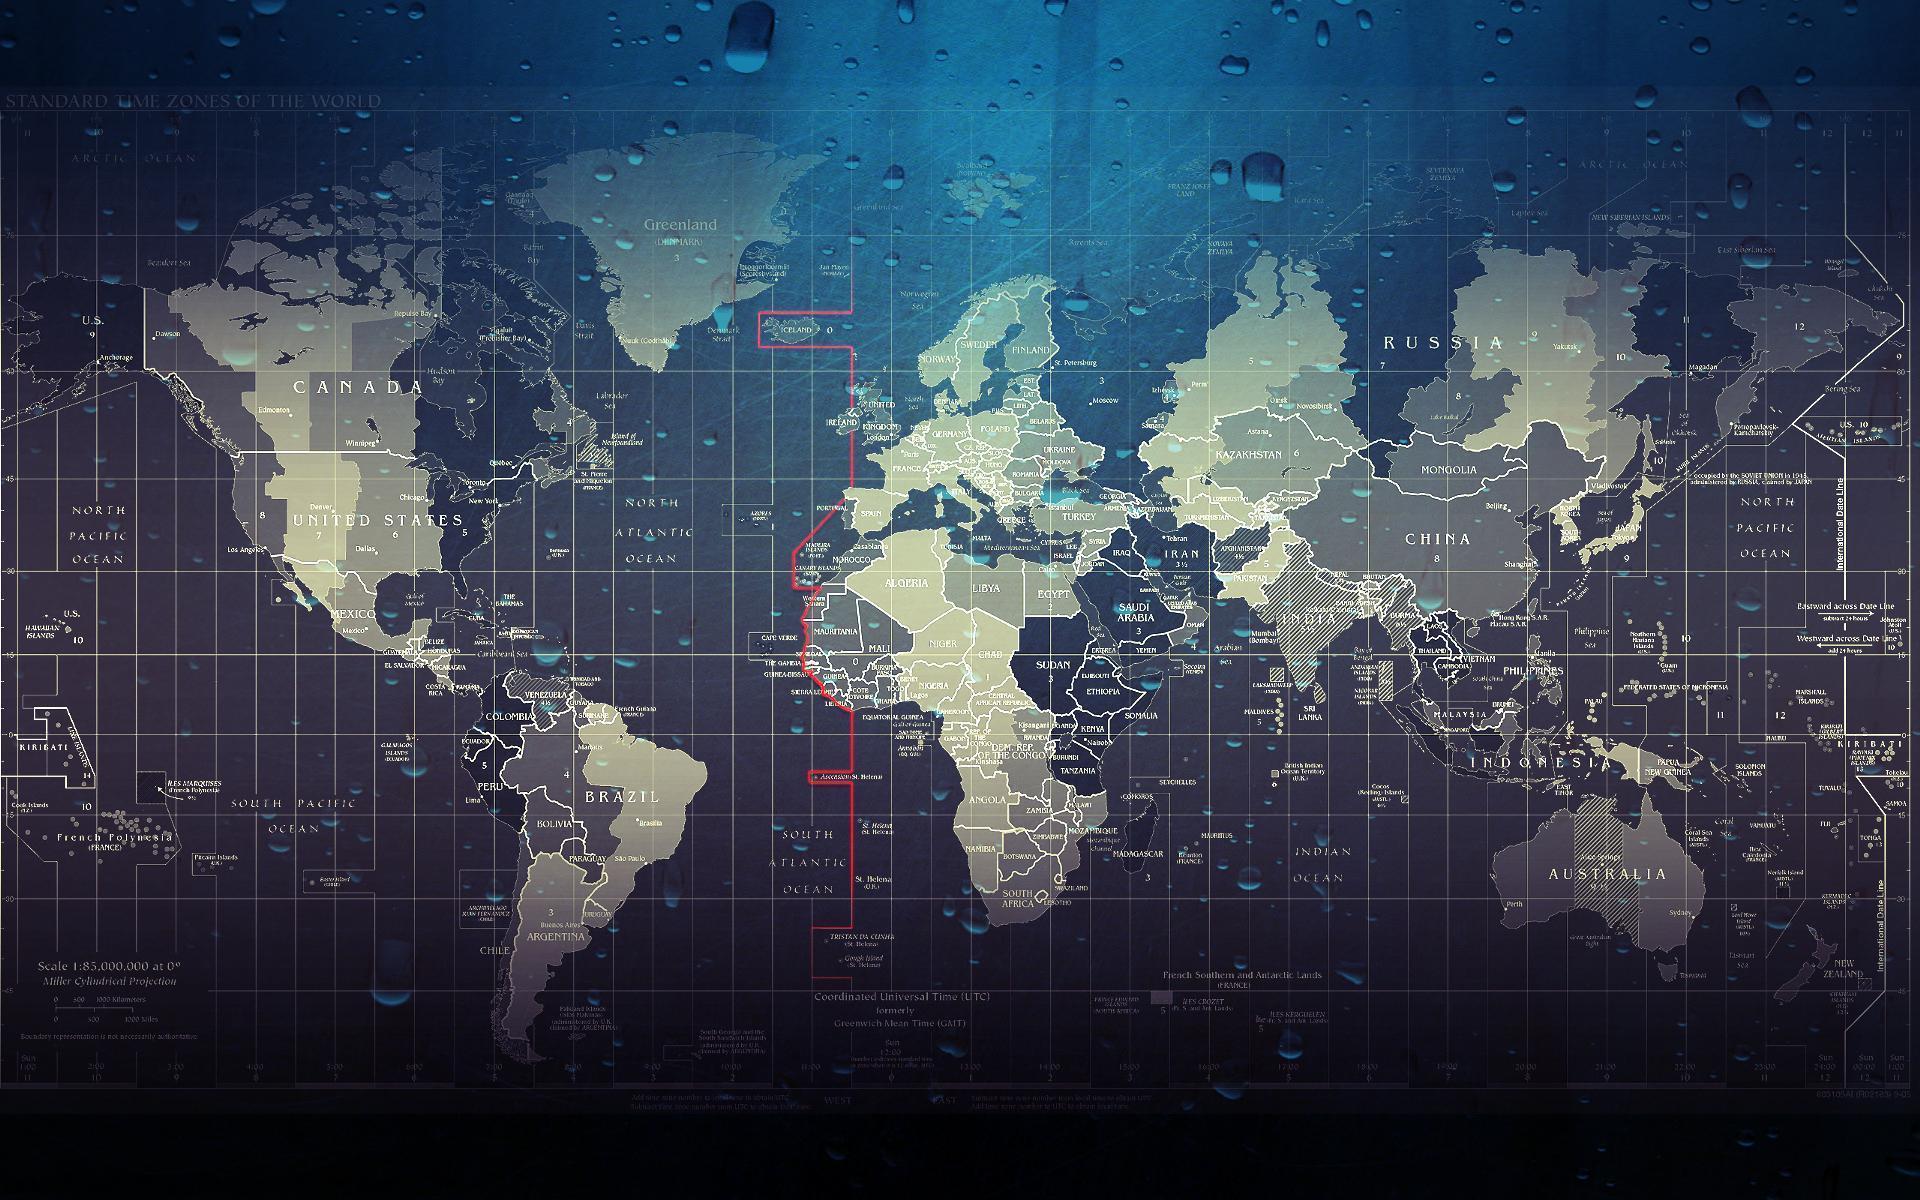 World Map Desktop Wallpapers Wallpaper Cave - Cute world map wallpaper